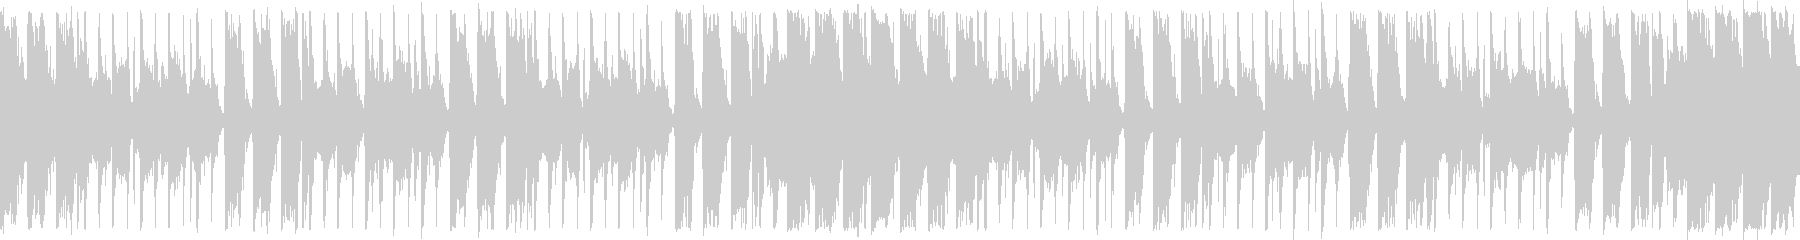 ダンスエクササイズBPM120:ショートの未再生の波形